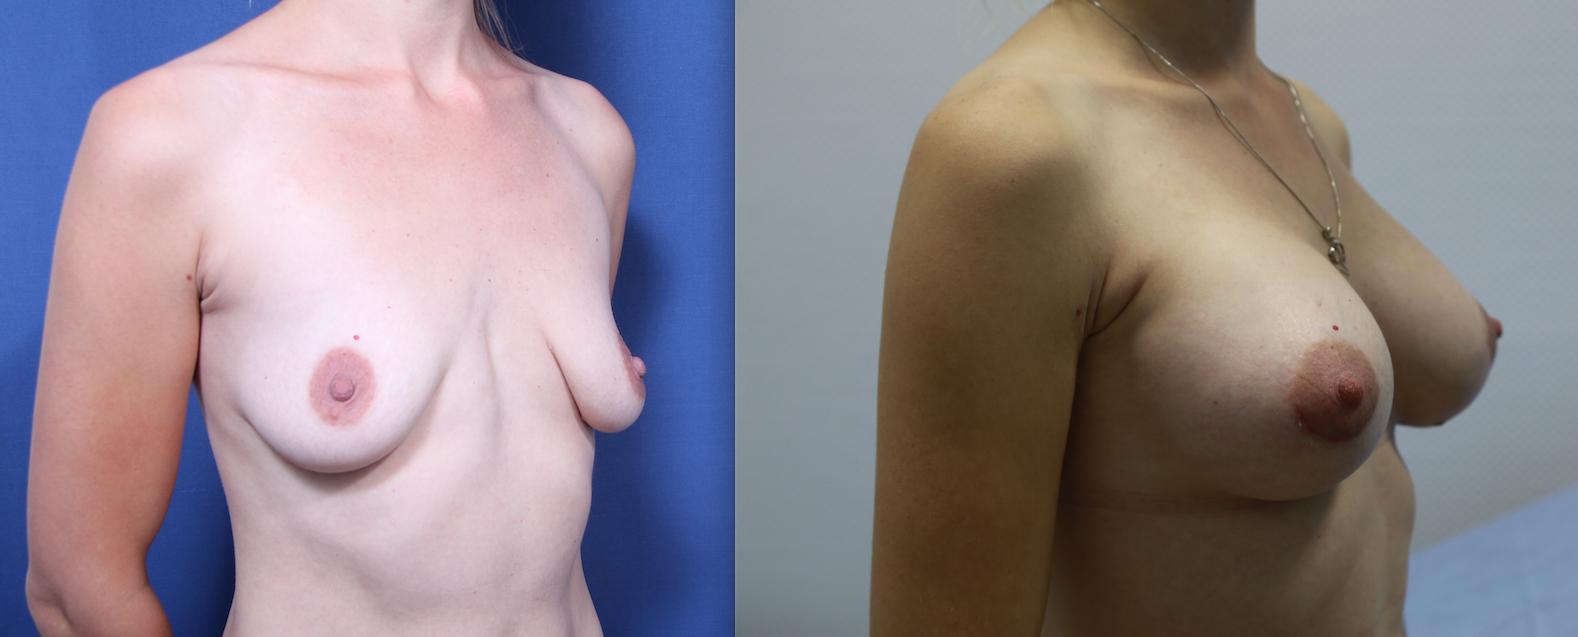 увеличение груди после кормления